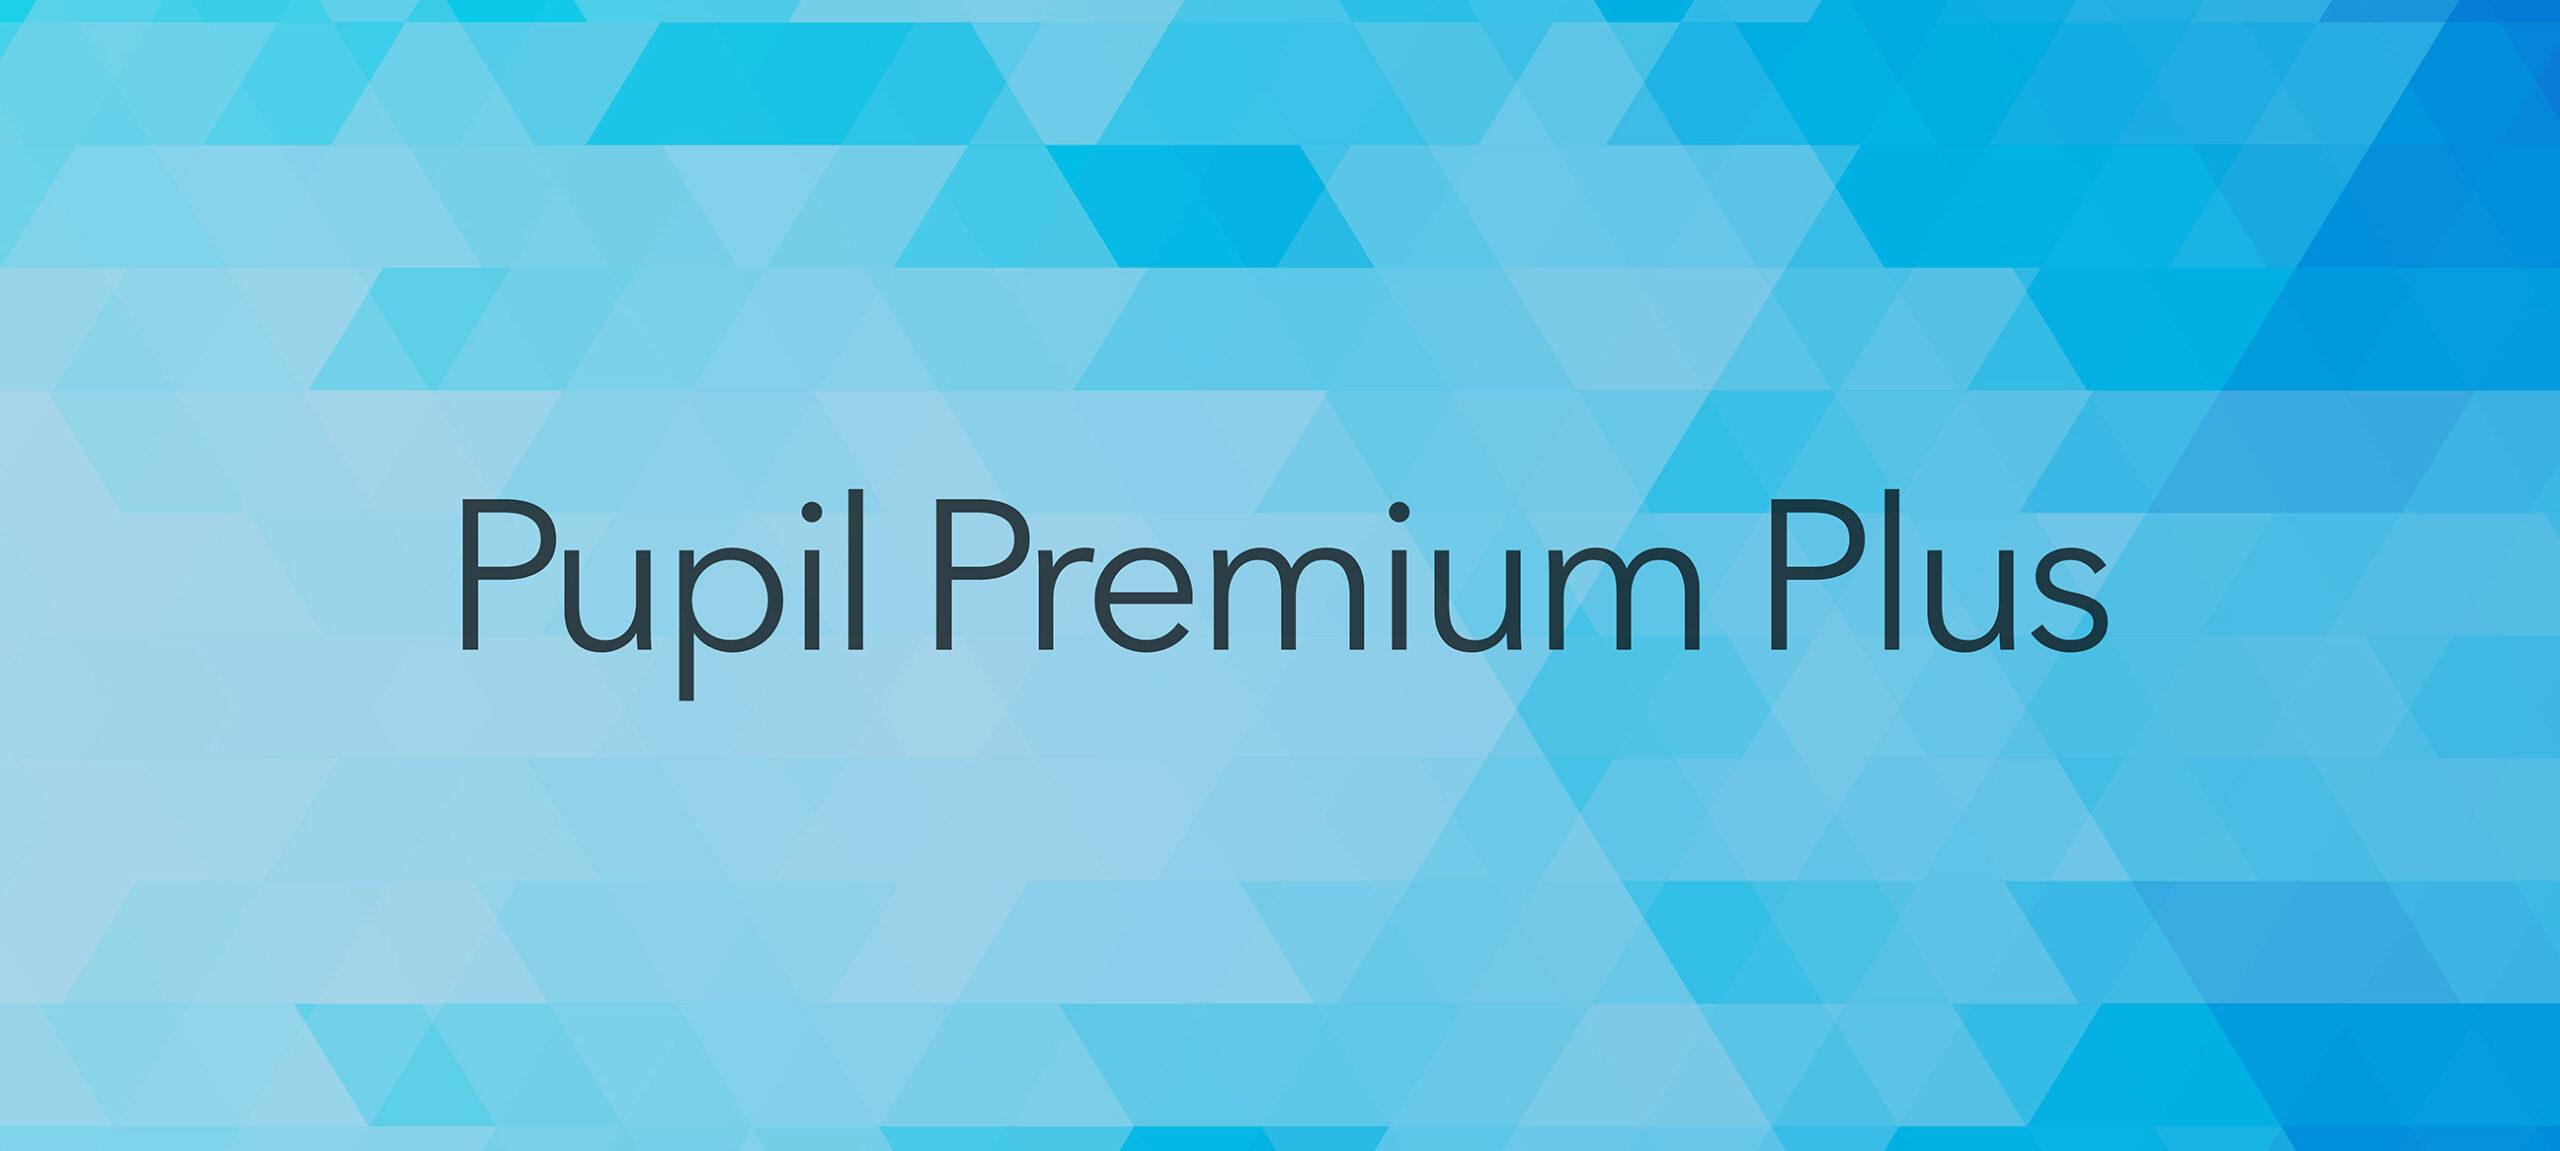 Pupil Premium Plus Funding